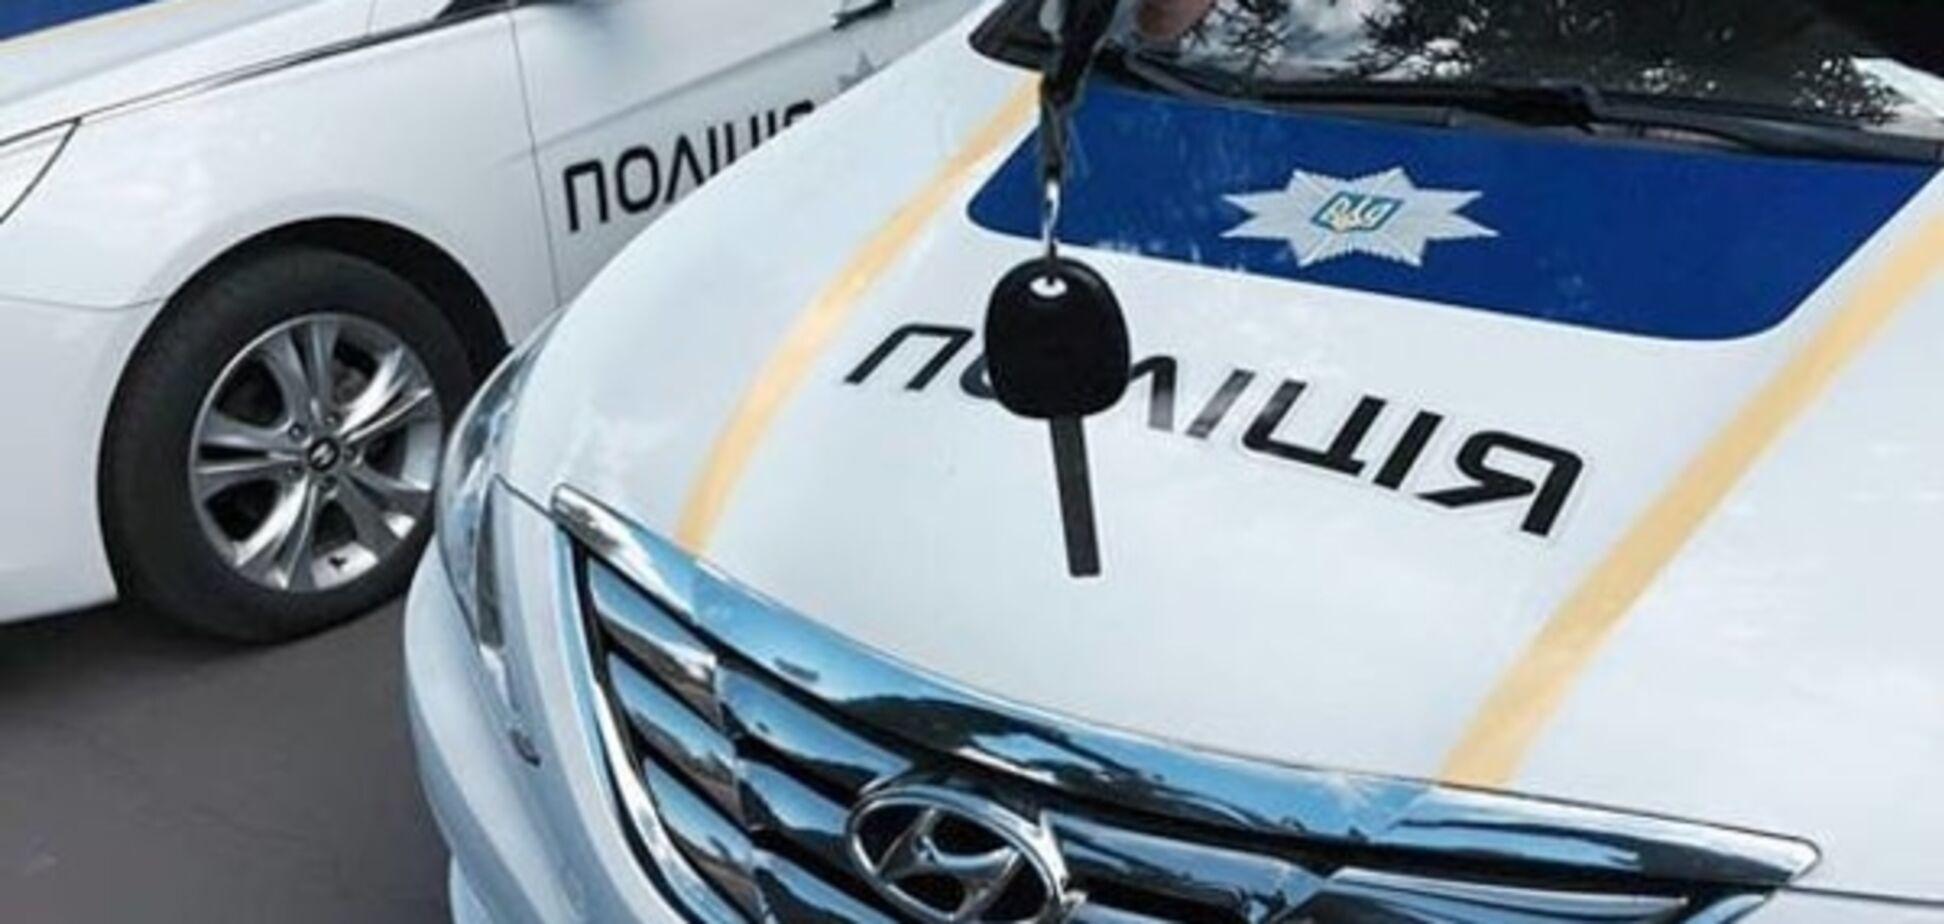 Київські копи блискавично відреагували на викрадення таксиста